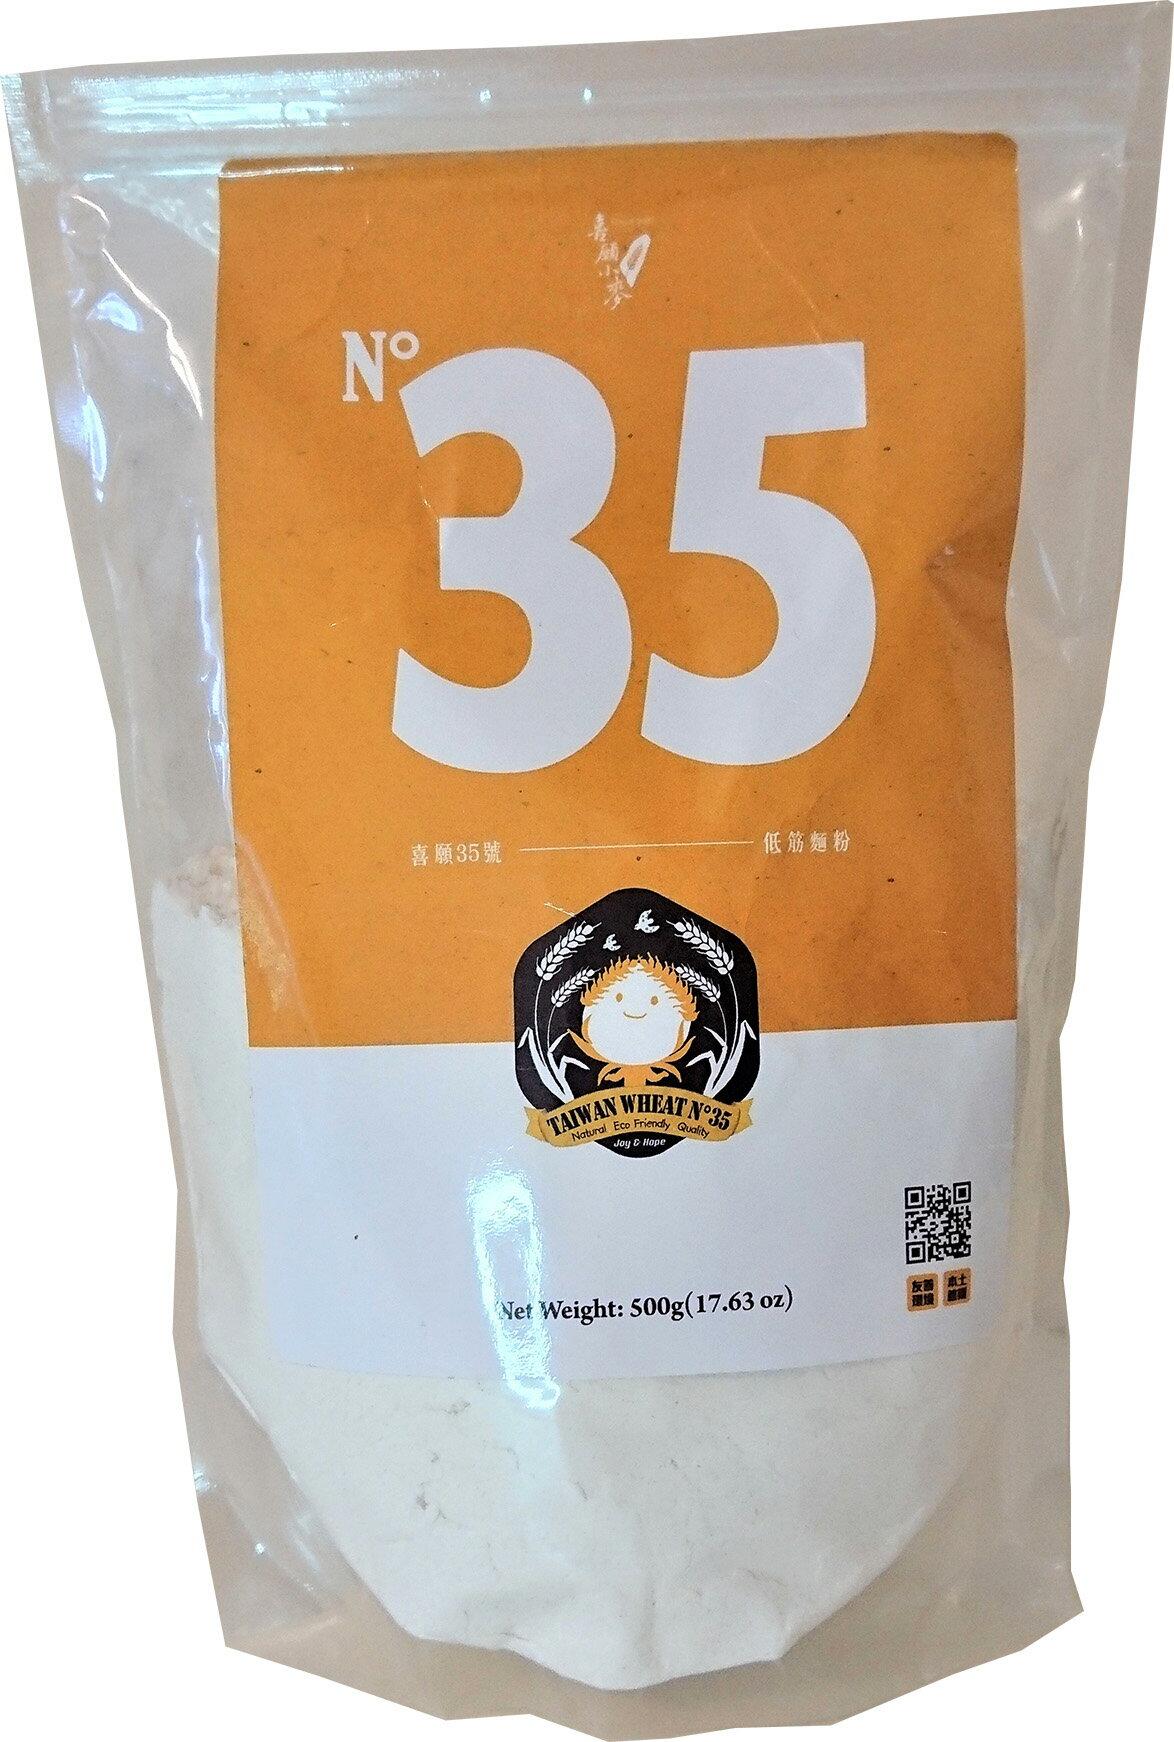 【喜願】No.35號低筋麵粉500G/包